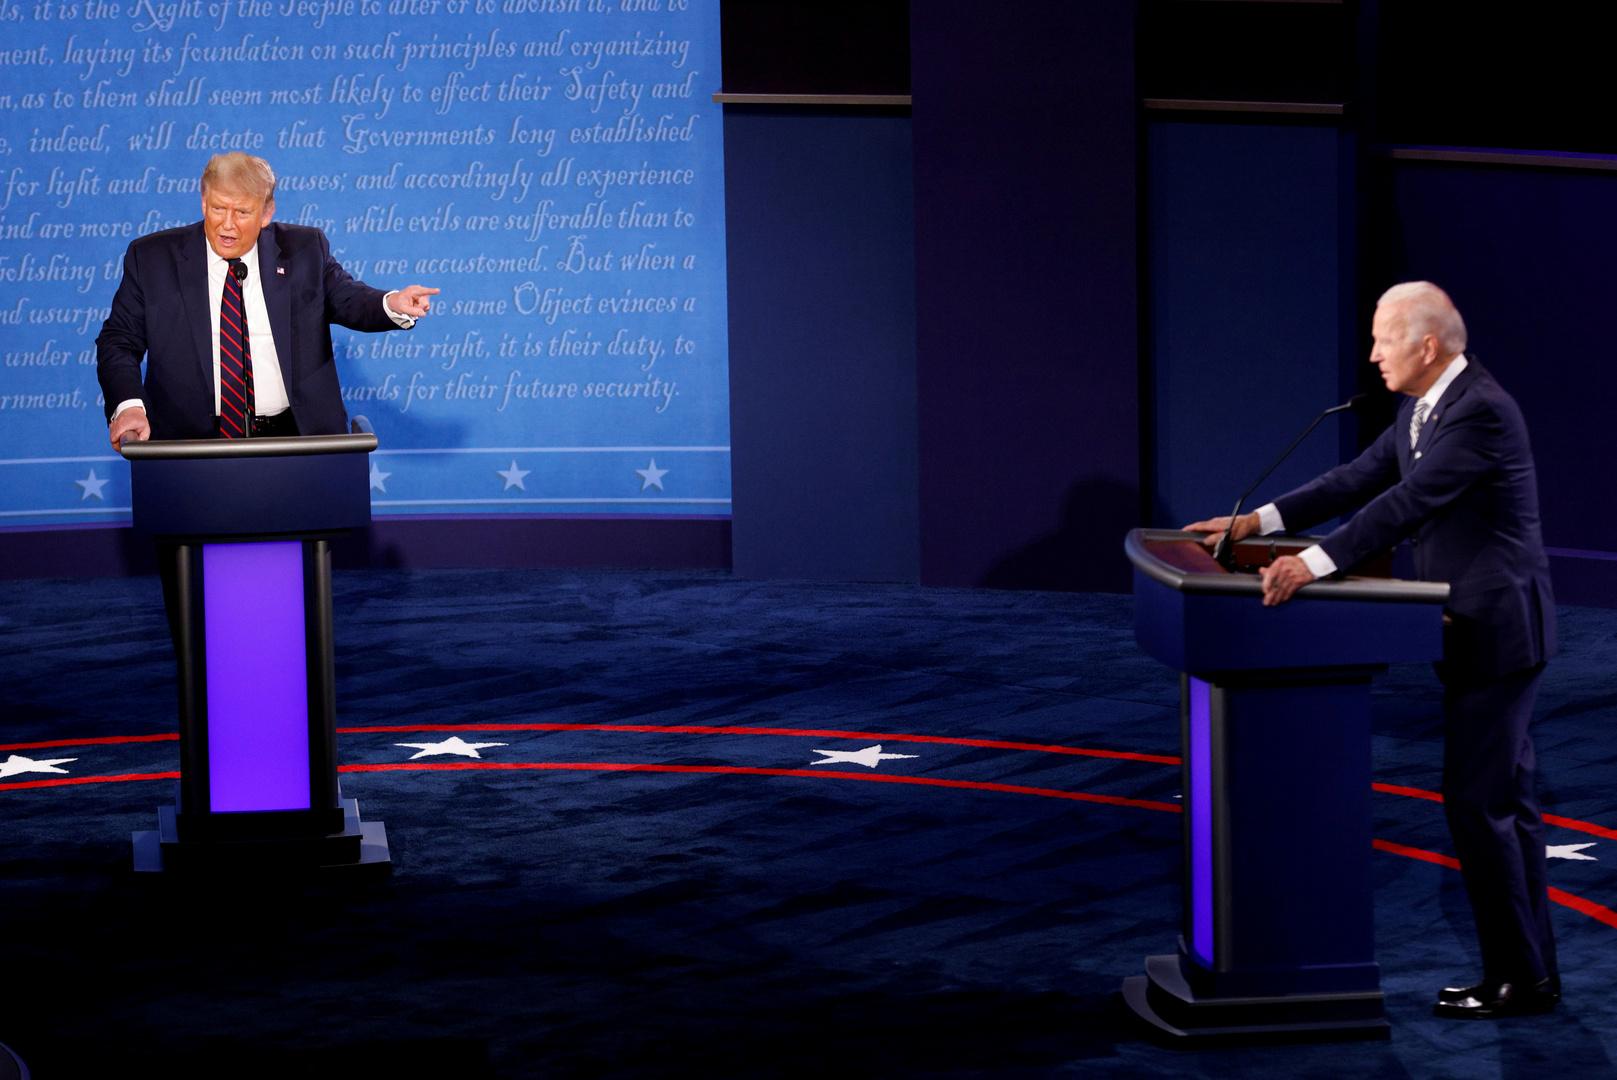 ترامب وبايدن يكشفان انطباعاتهما عن أول مناظرة بينهما!